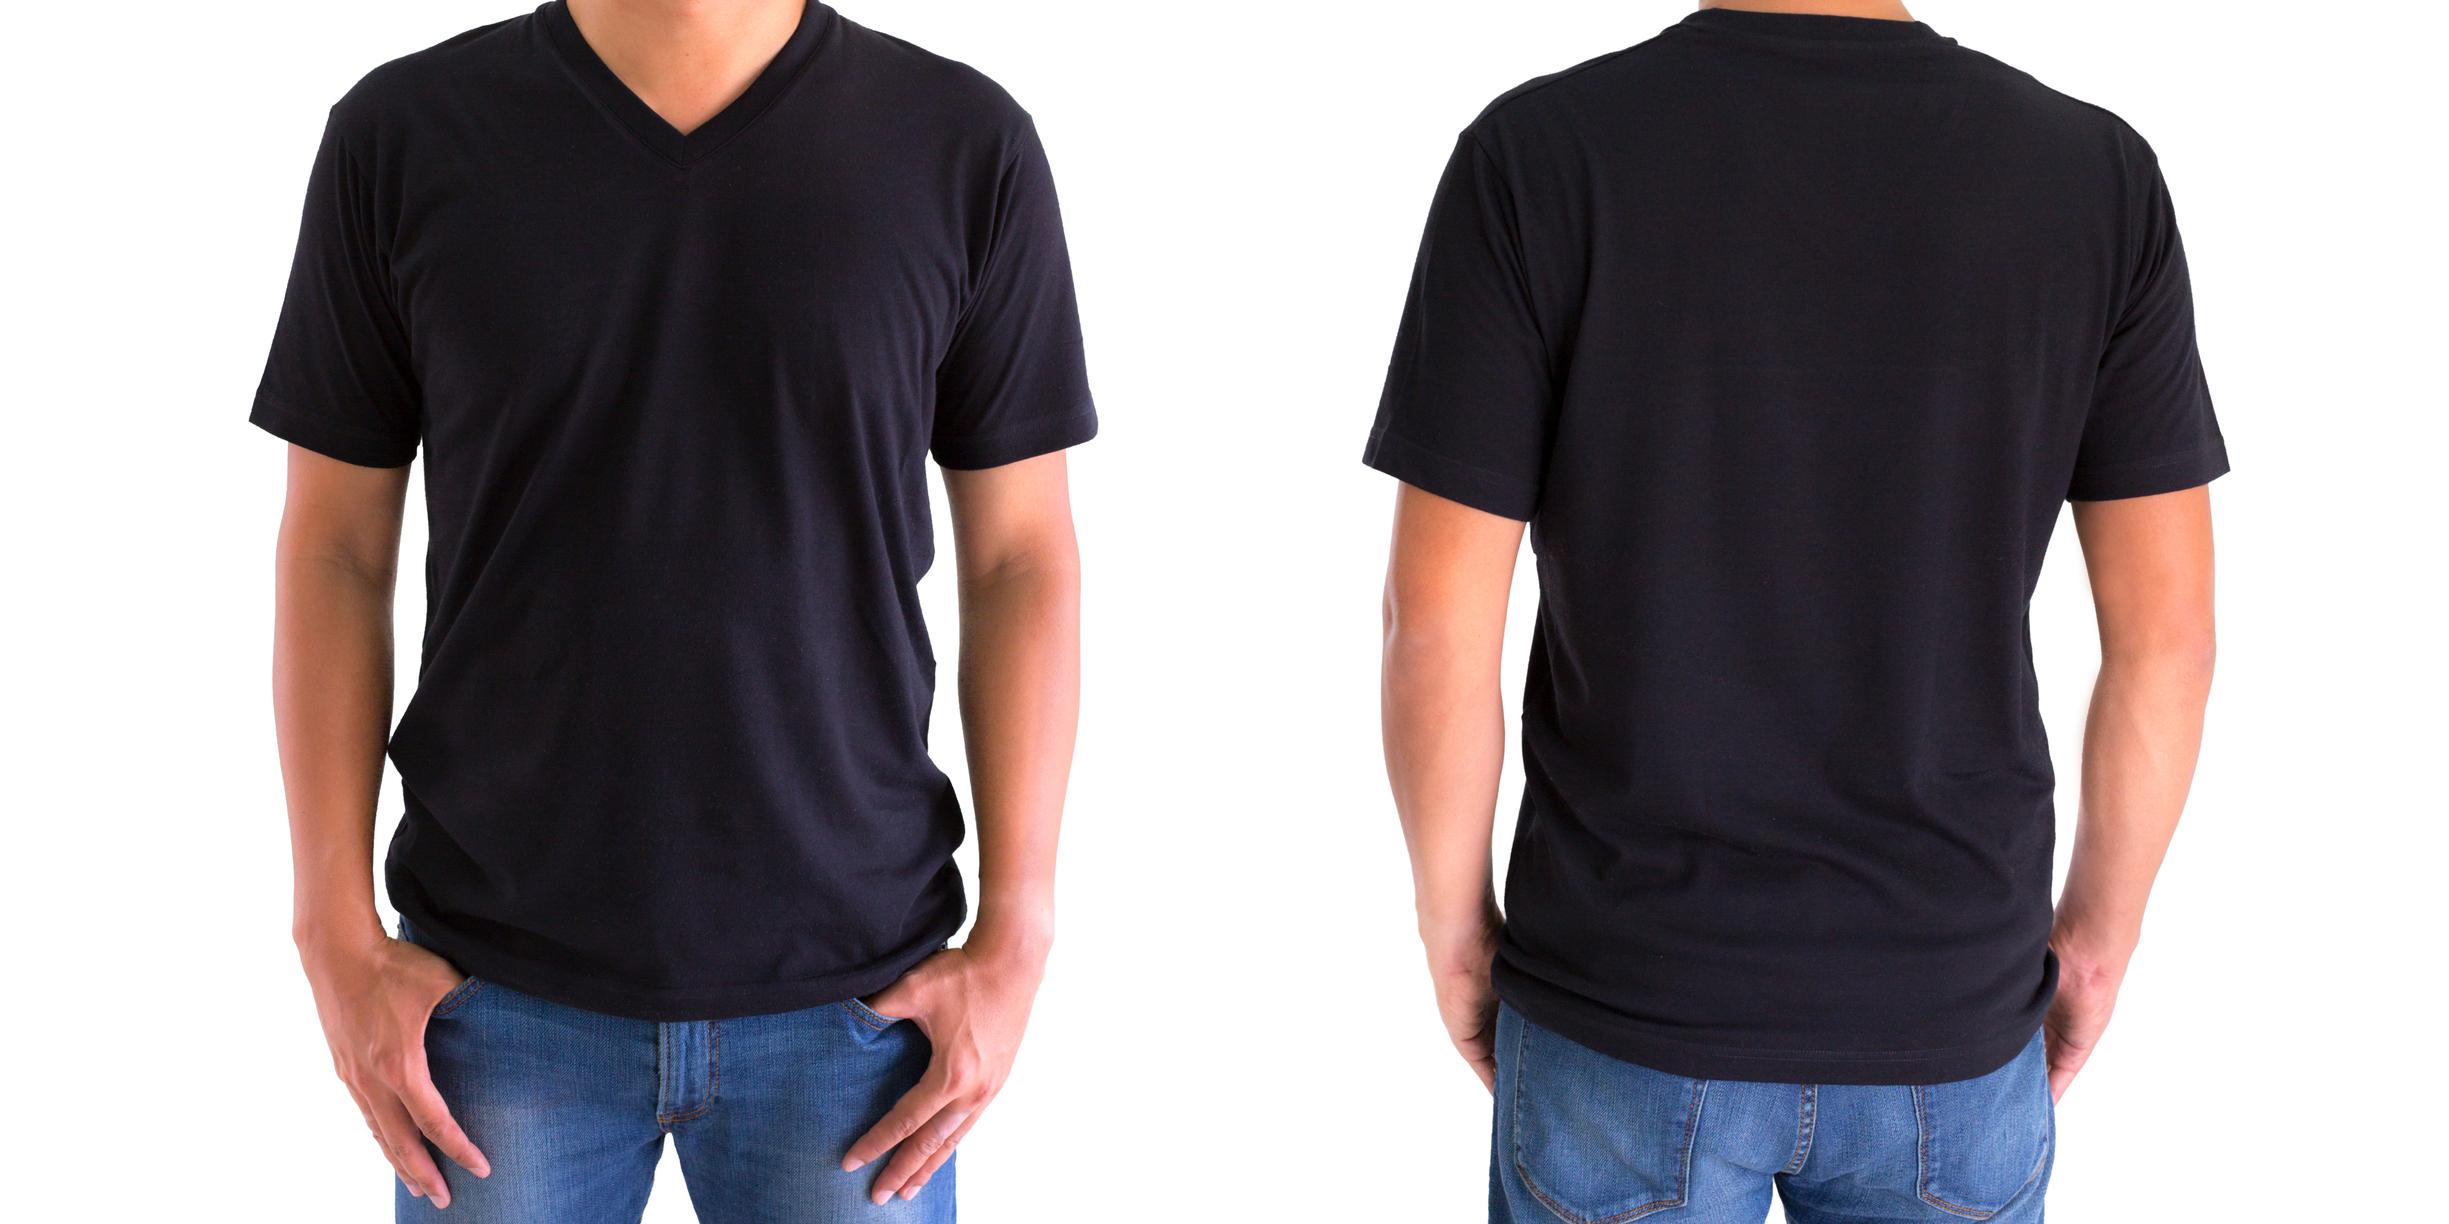 Тениска с V-образно деколте. Изчистена, семпла и обикновена. Без излишни щампи и текст.